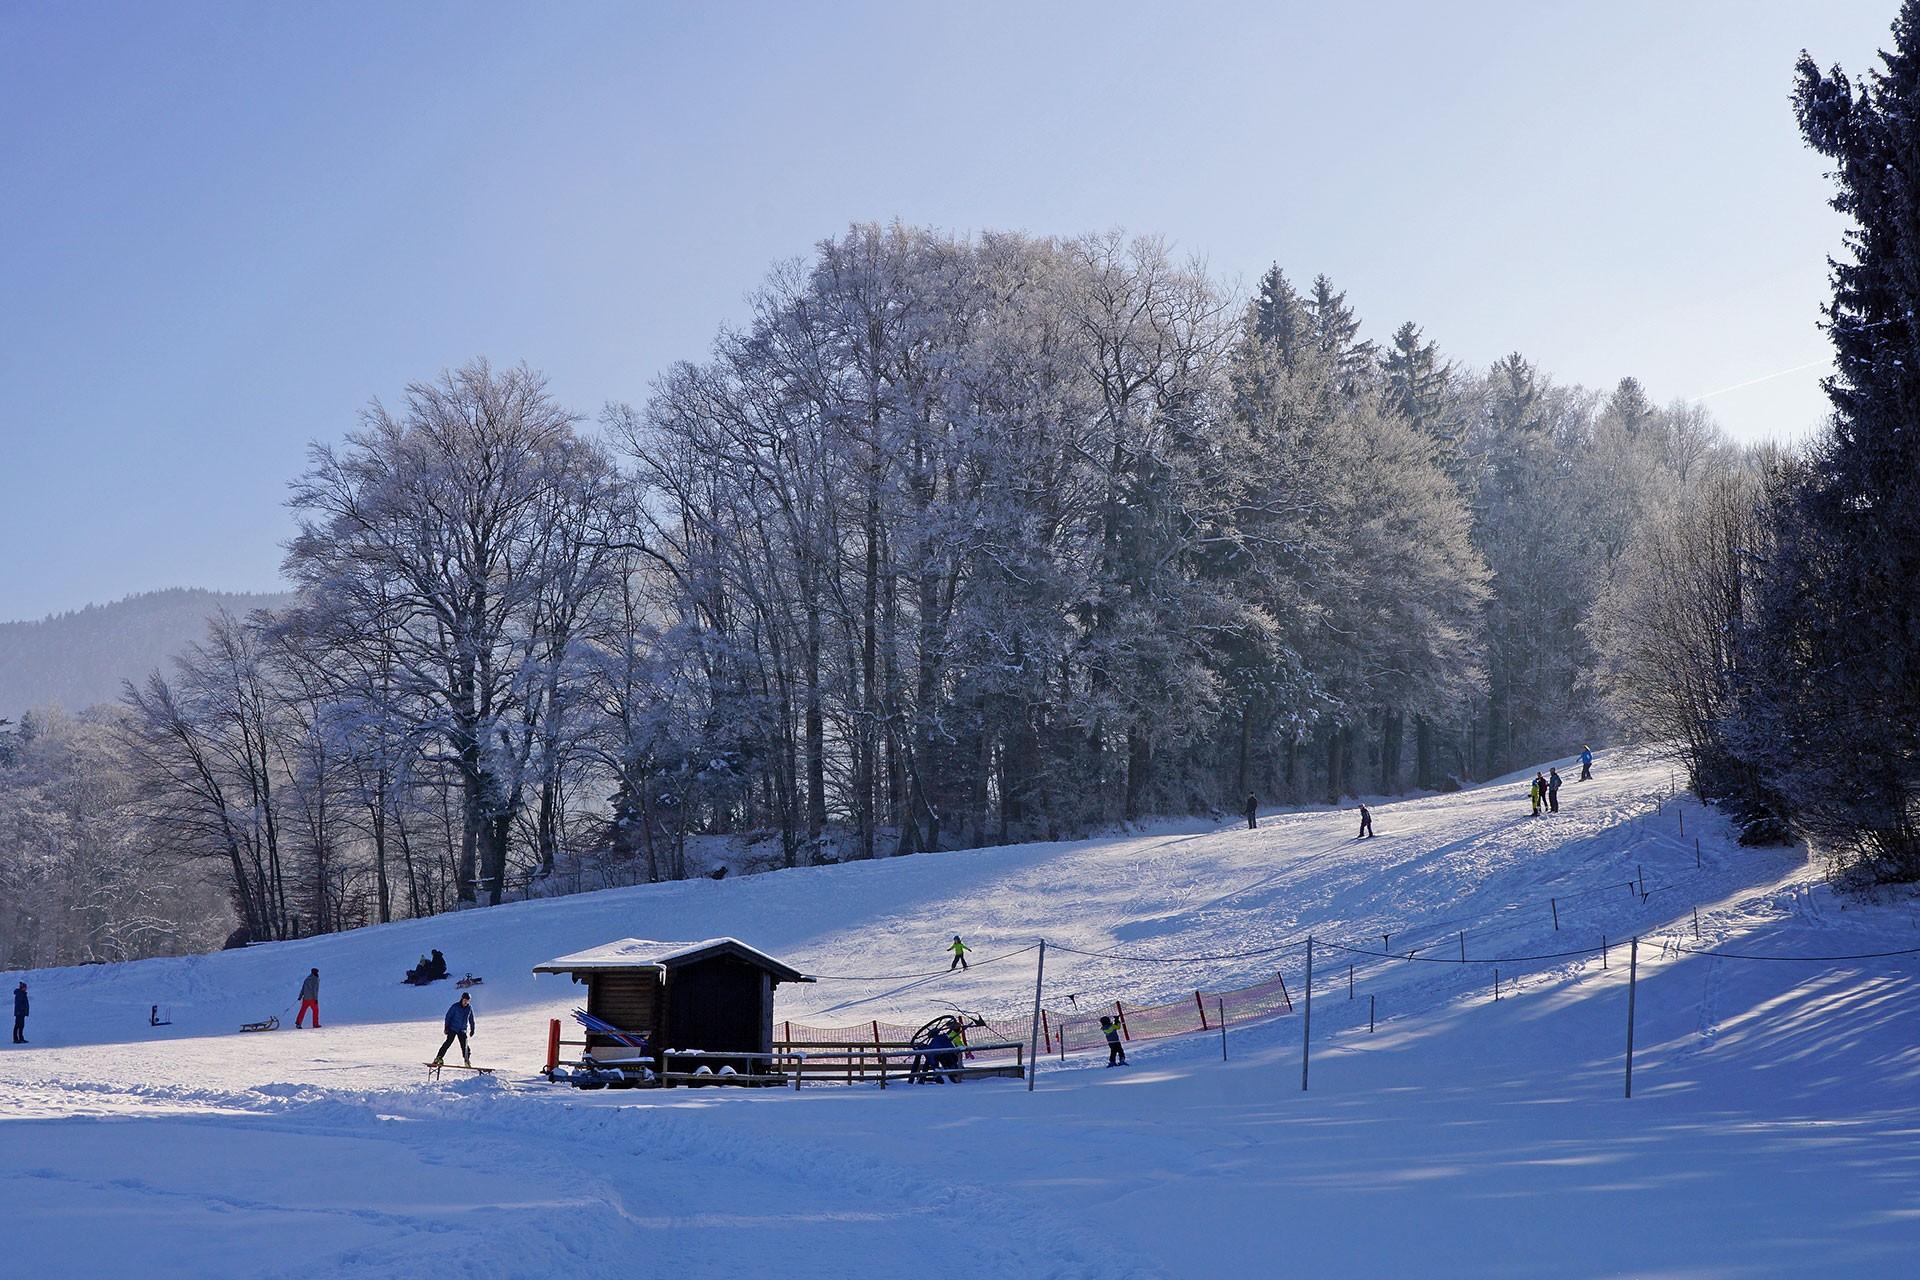 Winterurlaub am Chiemsee - Gasthof alter Wirt